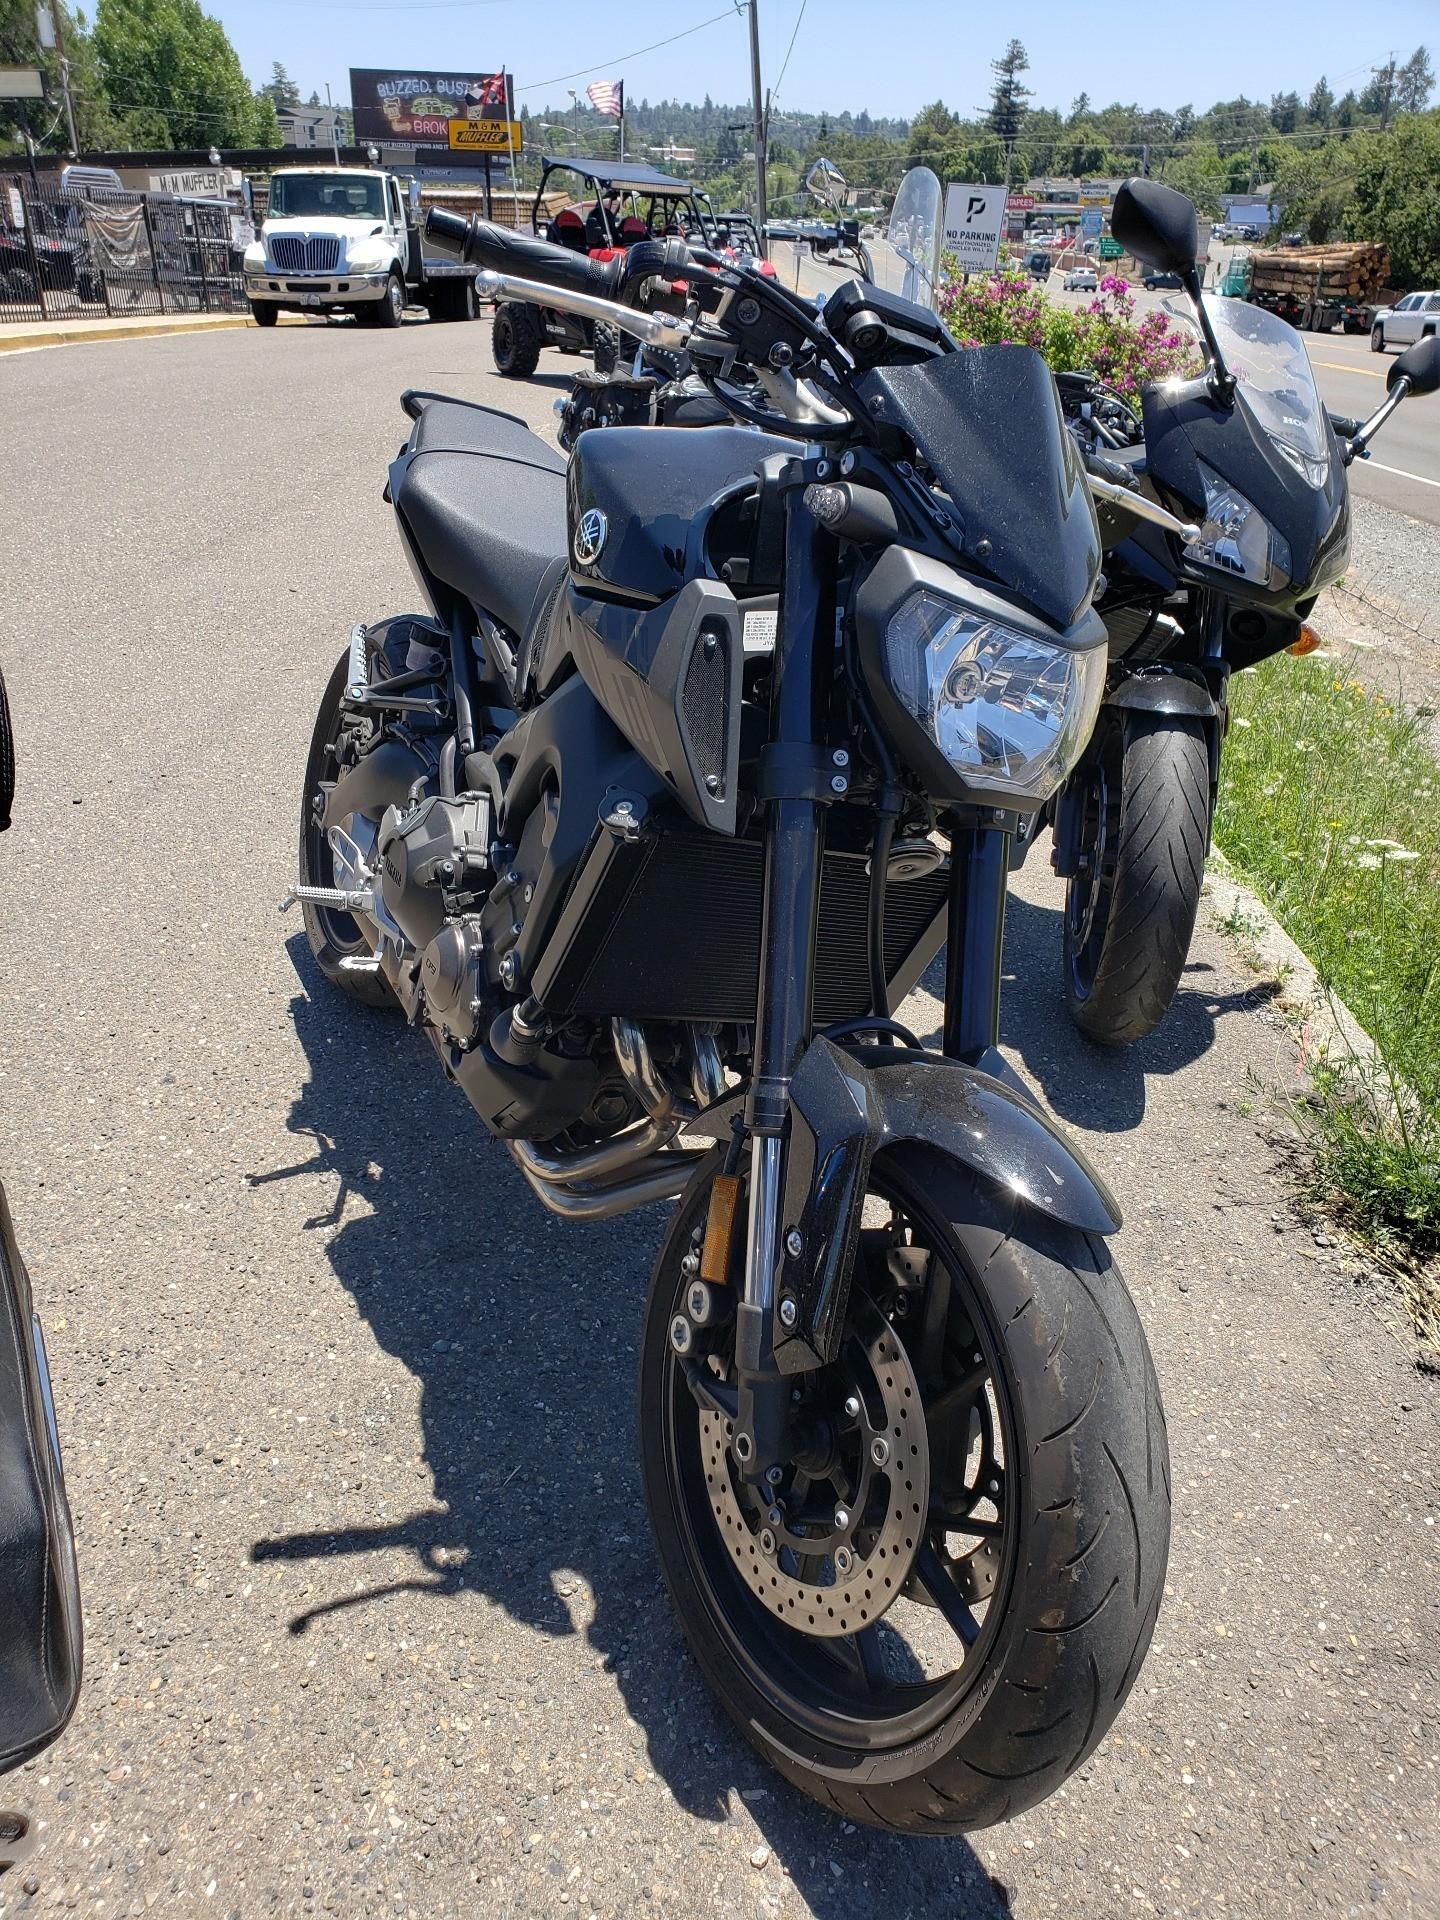 2016 Yamaha FZ-09 in Auburn, California